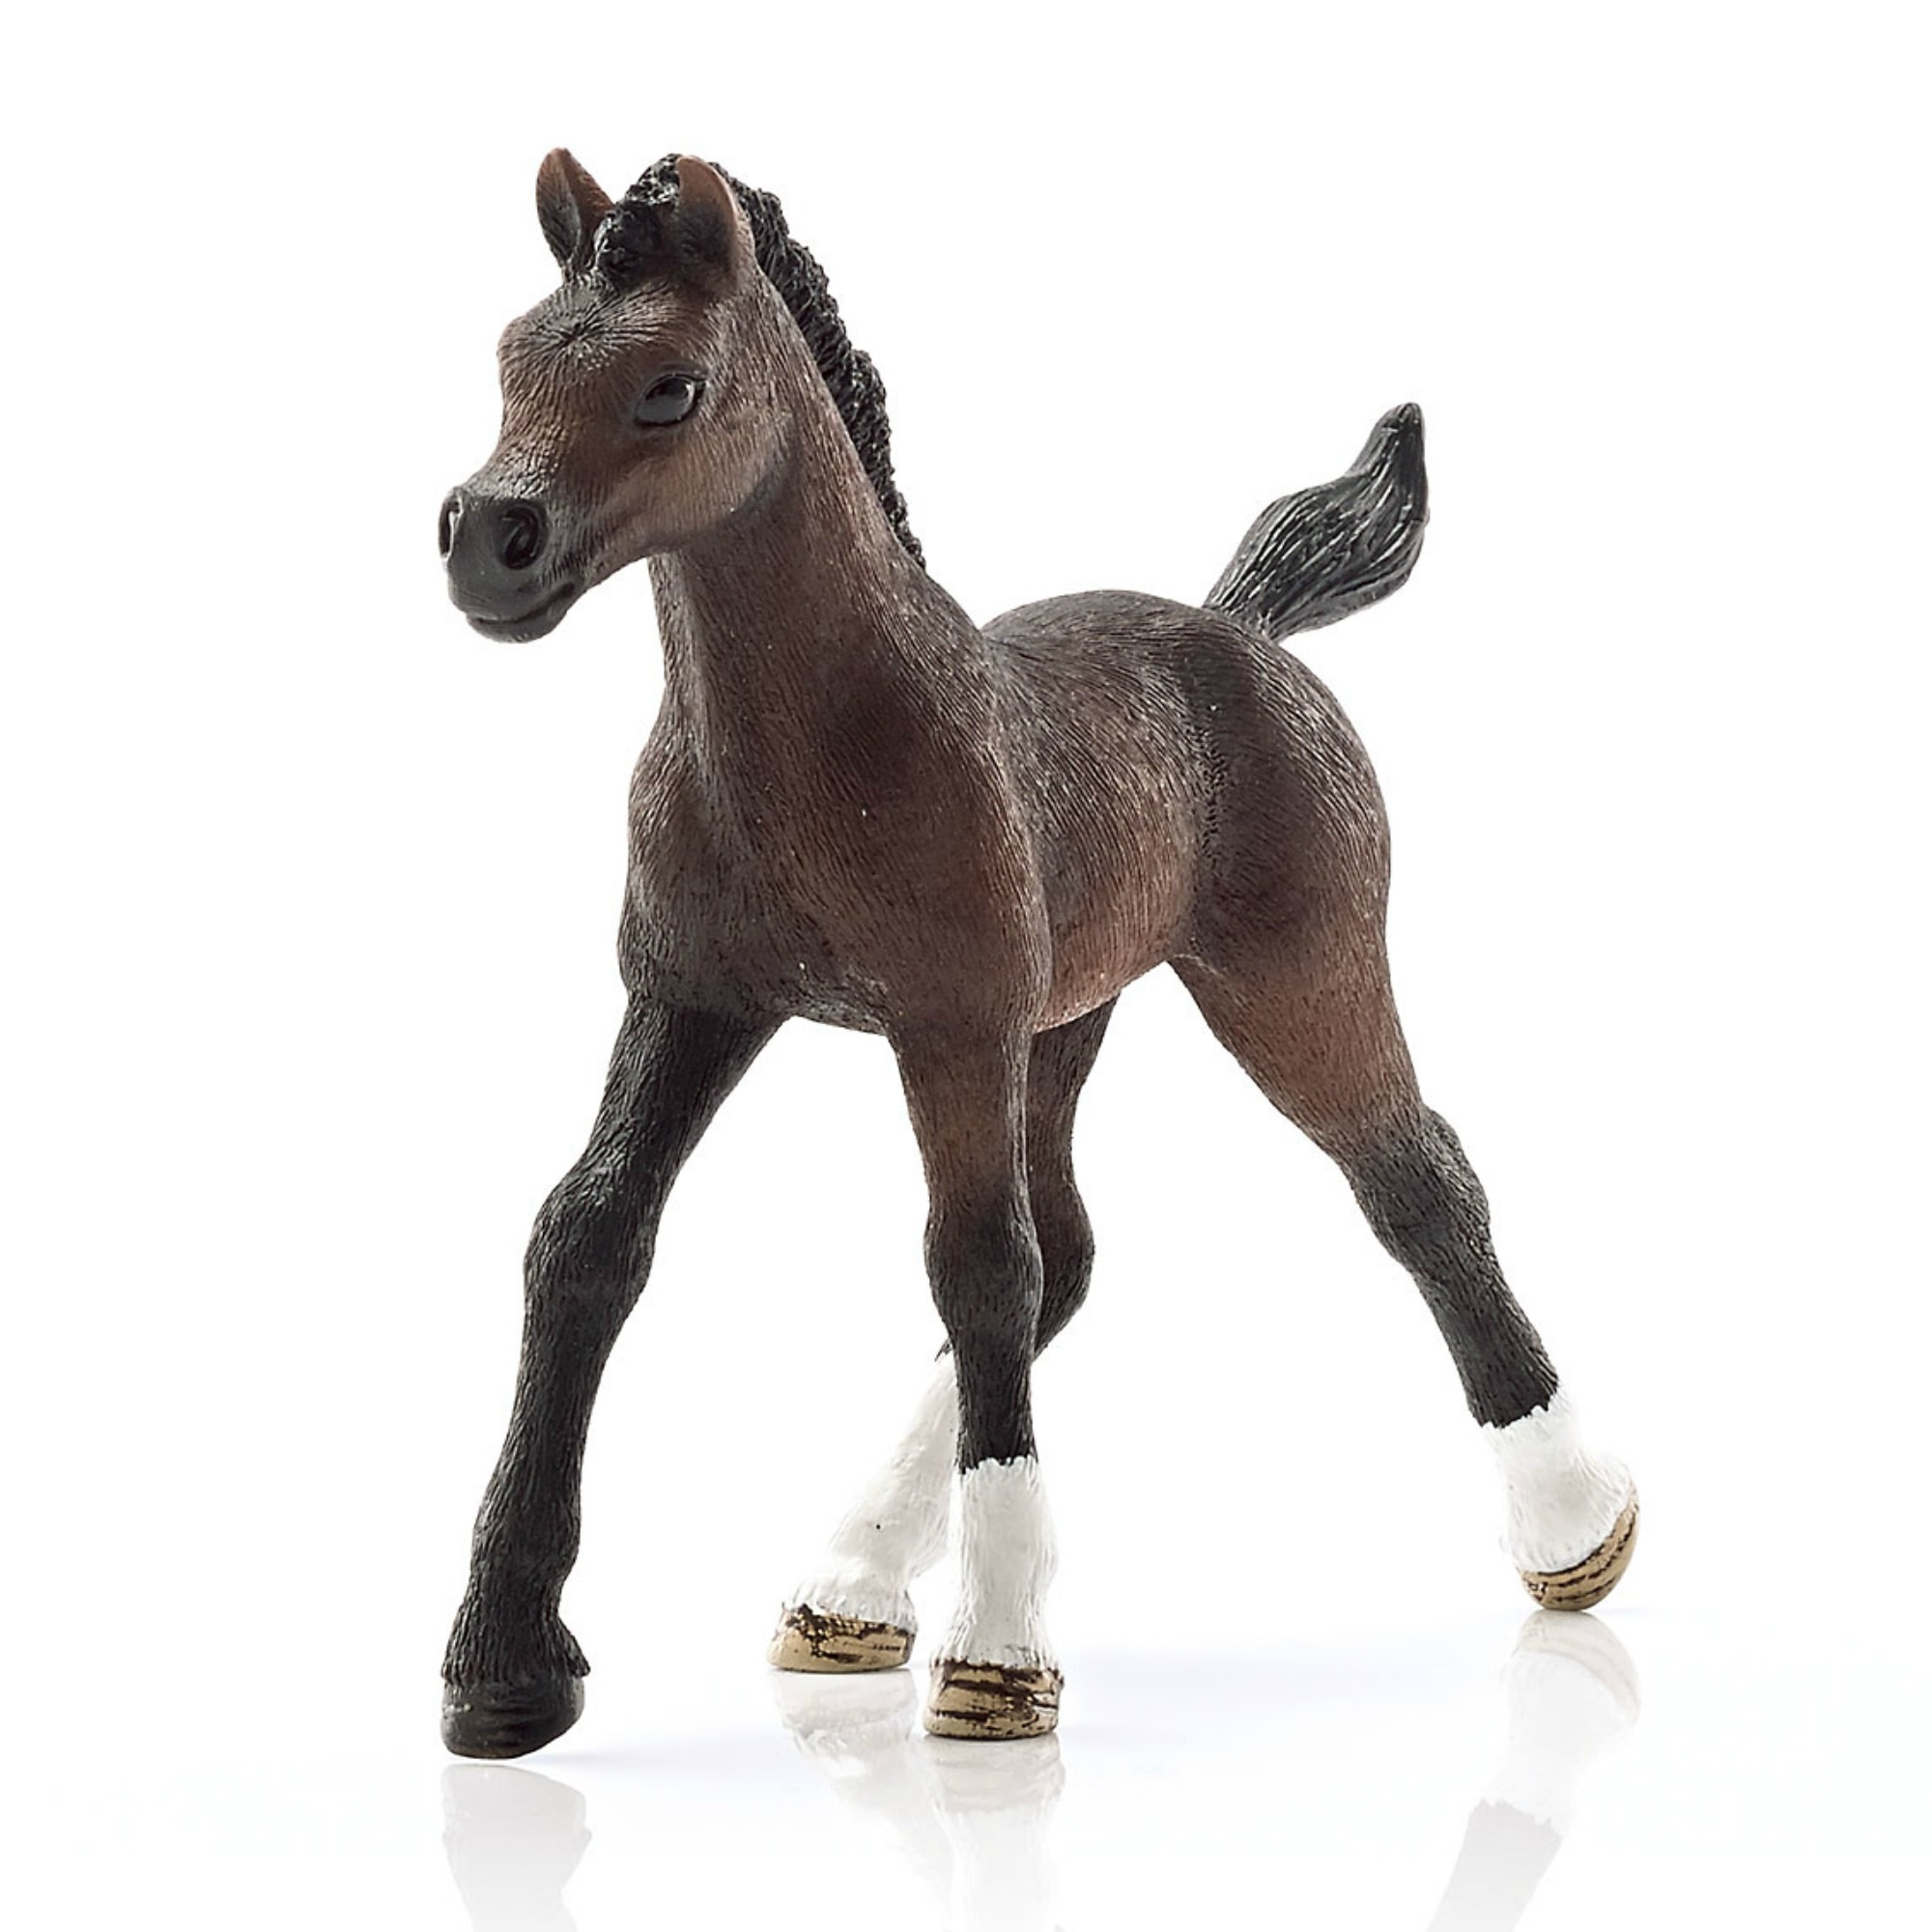 Фигурка Арабский жеребенок, длина 7.9 см фигурки игрушки schleich арабский жеребенок